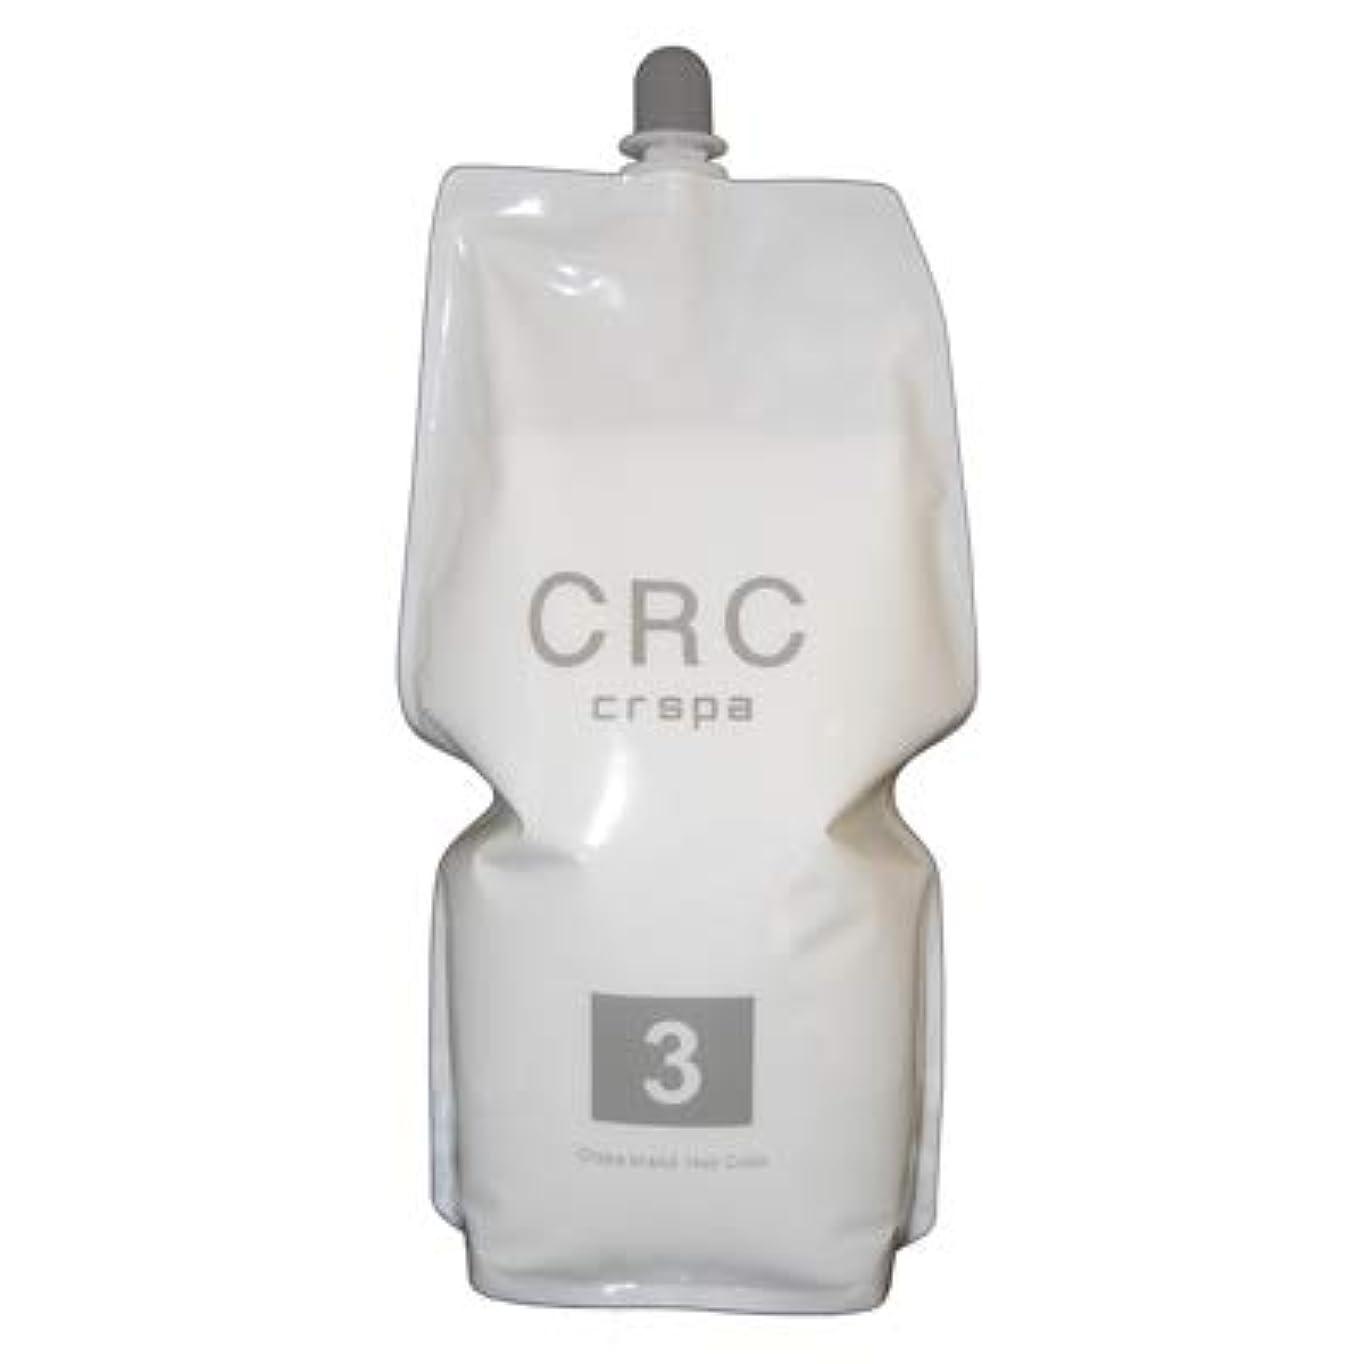 伸ばすハイジャックスタンドCRC OX 3% 染毛補助剤 カラーオキシ2剤